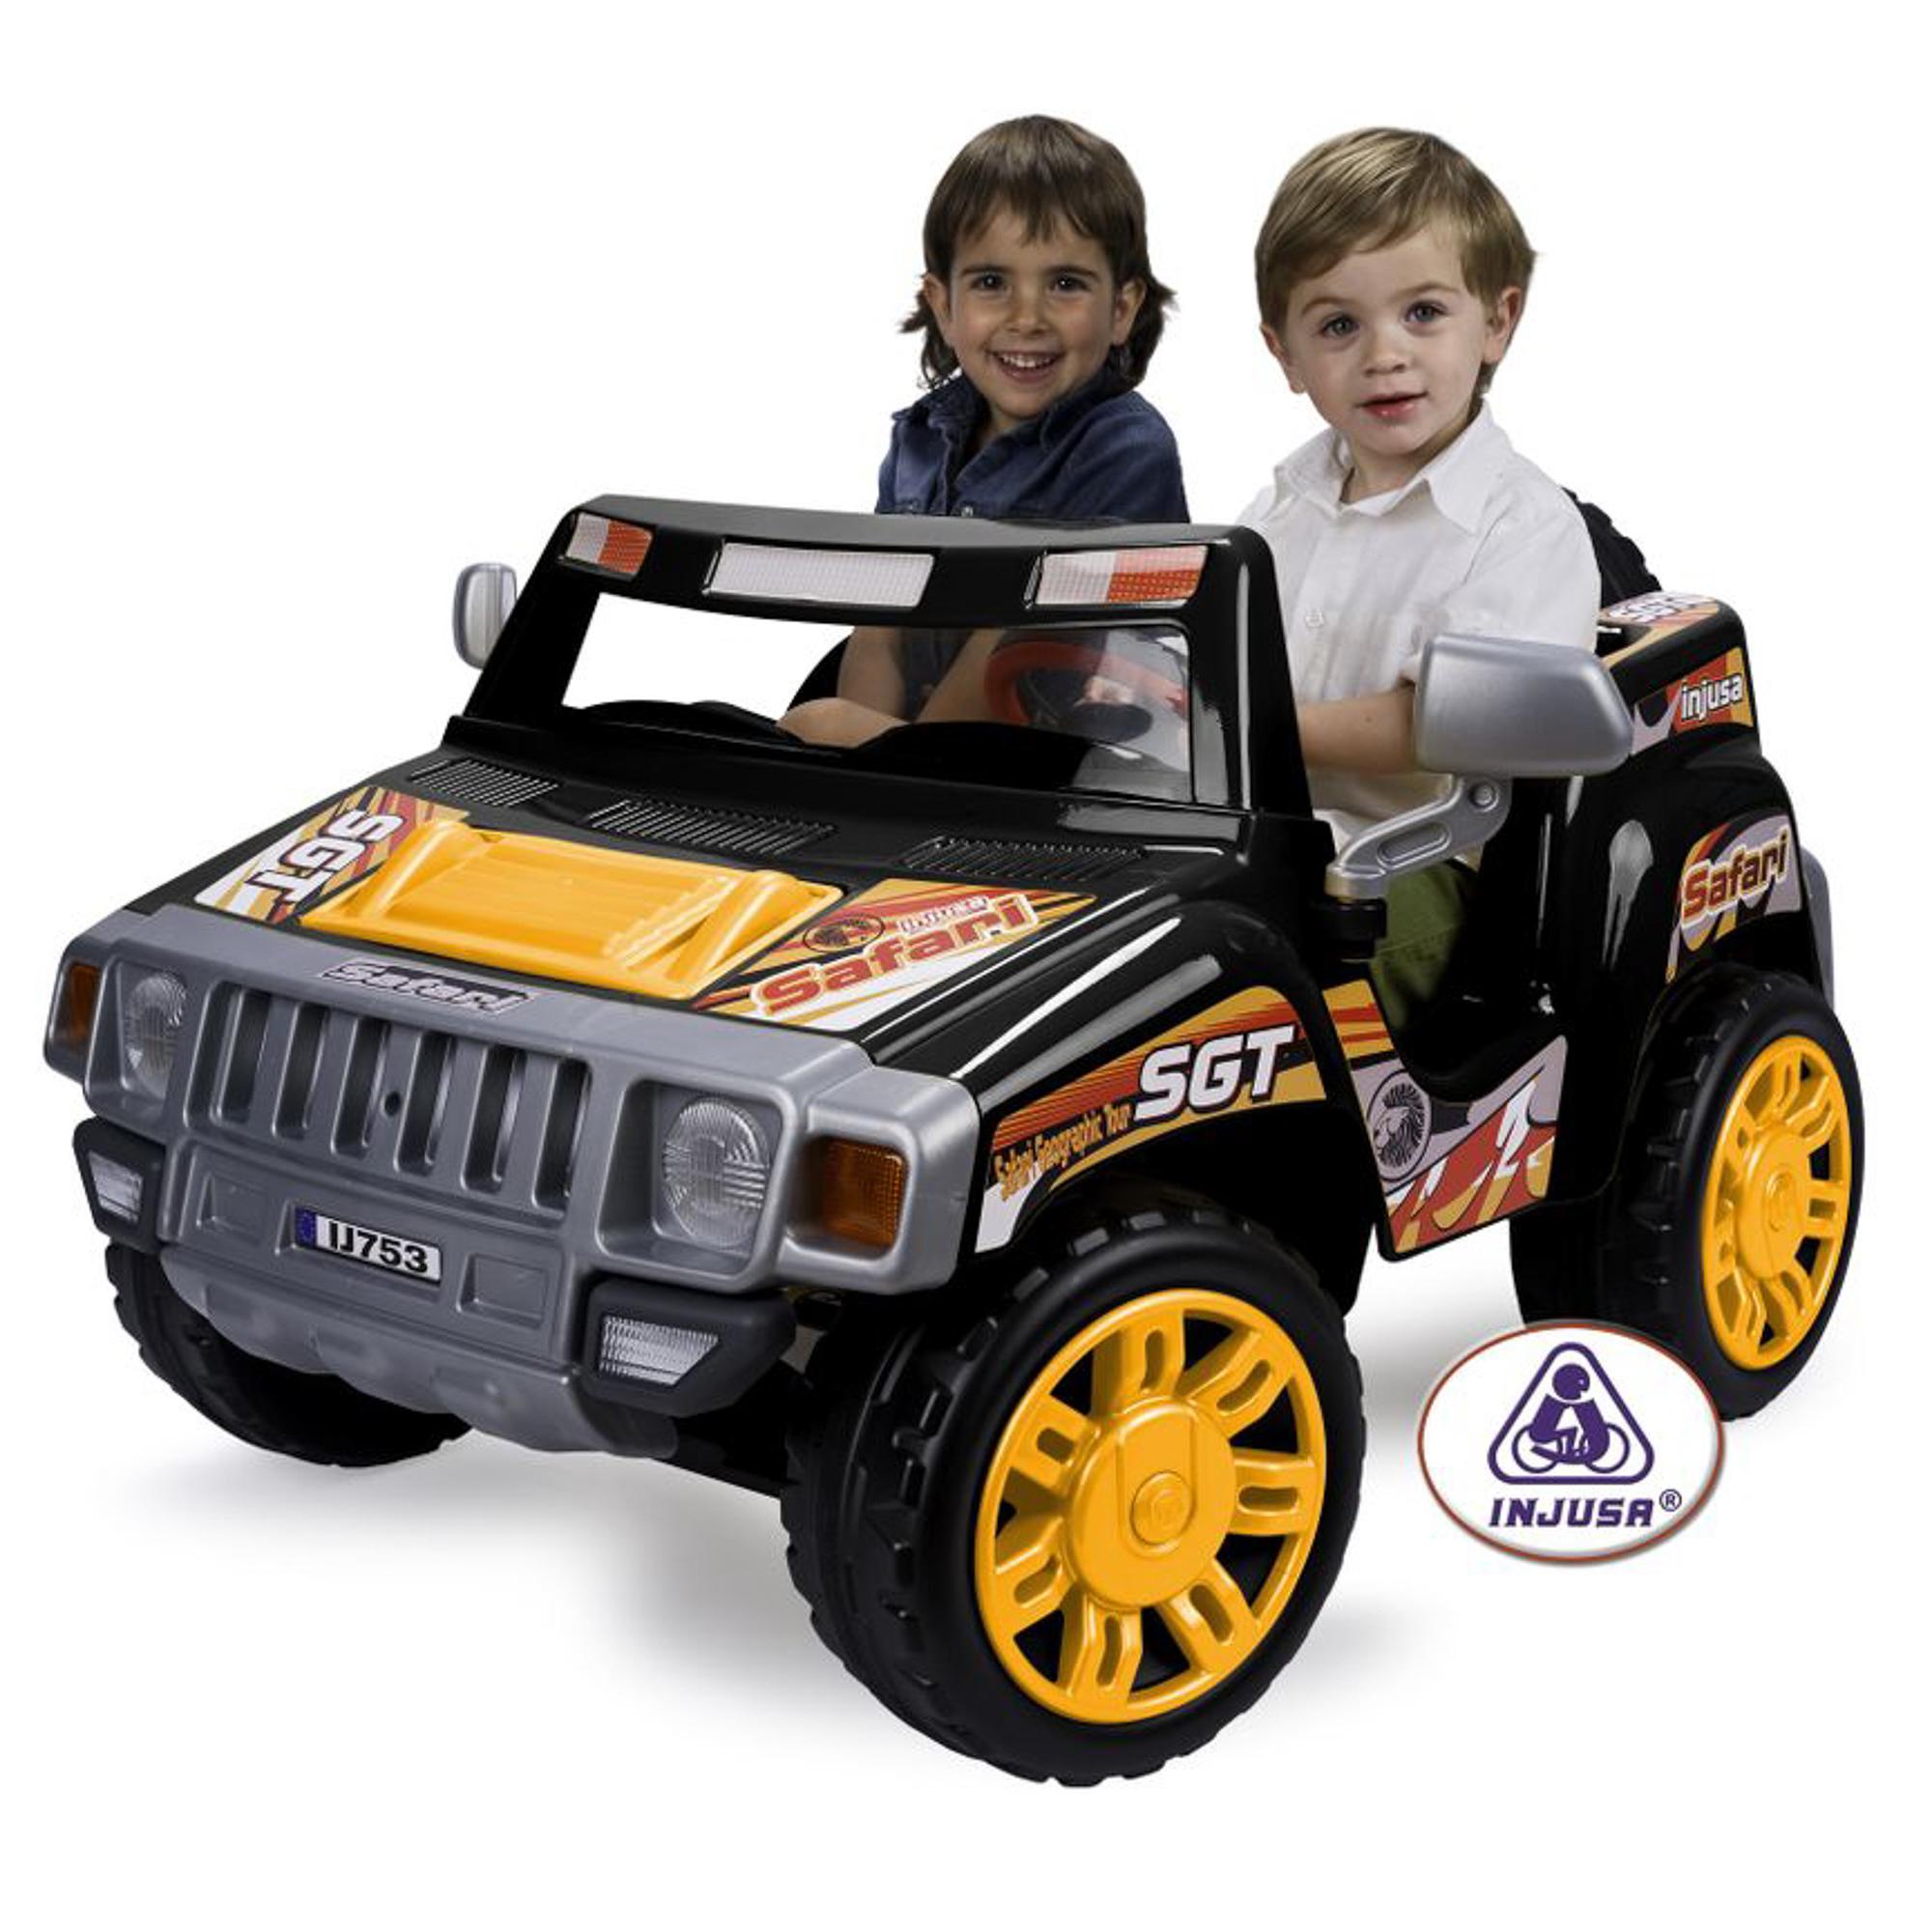 Электромашина детская two safari pick up Injusa 753/007 фото